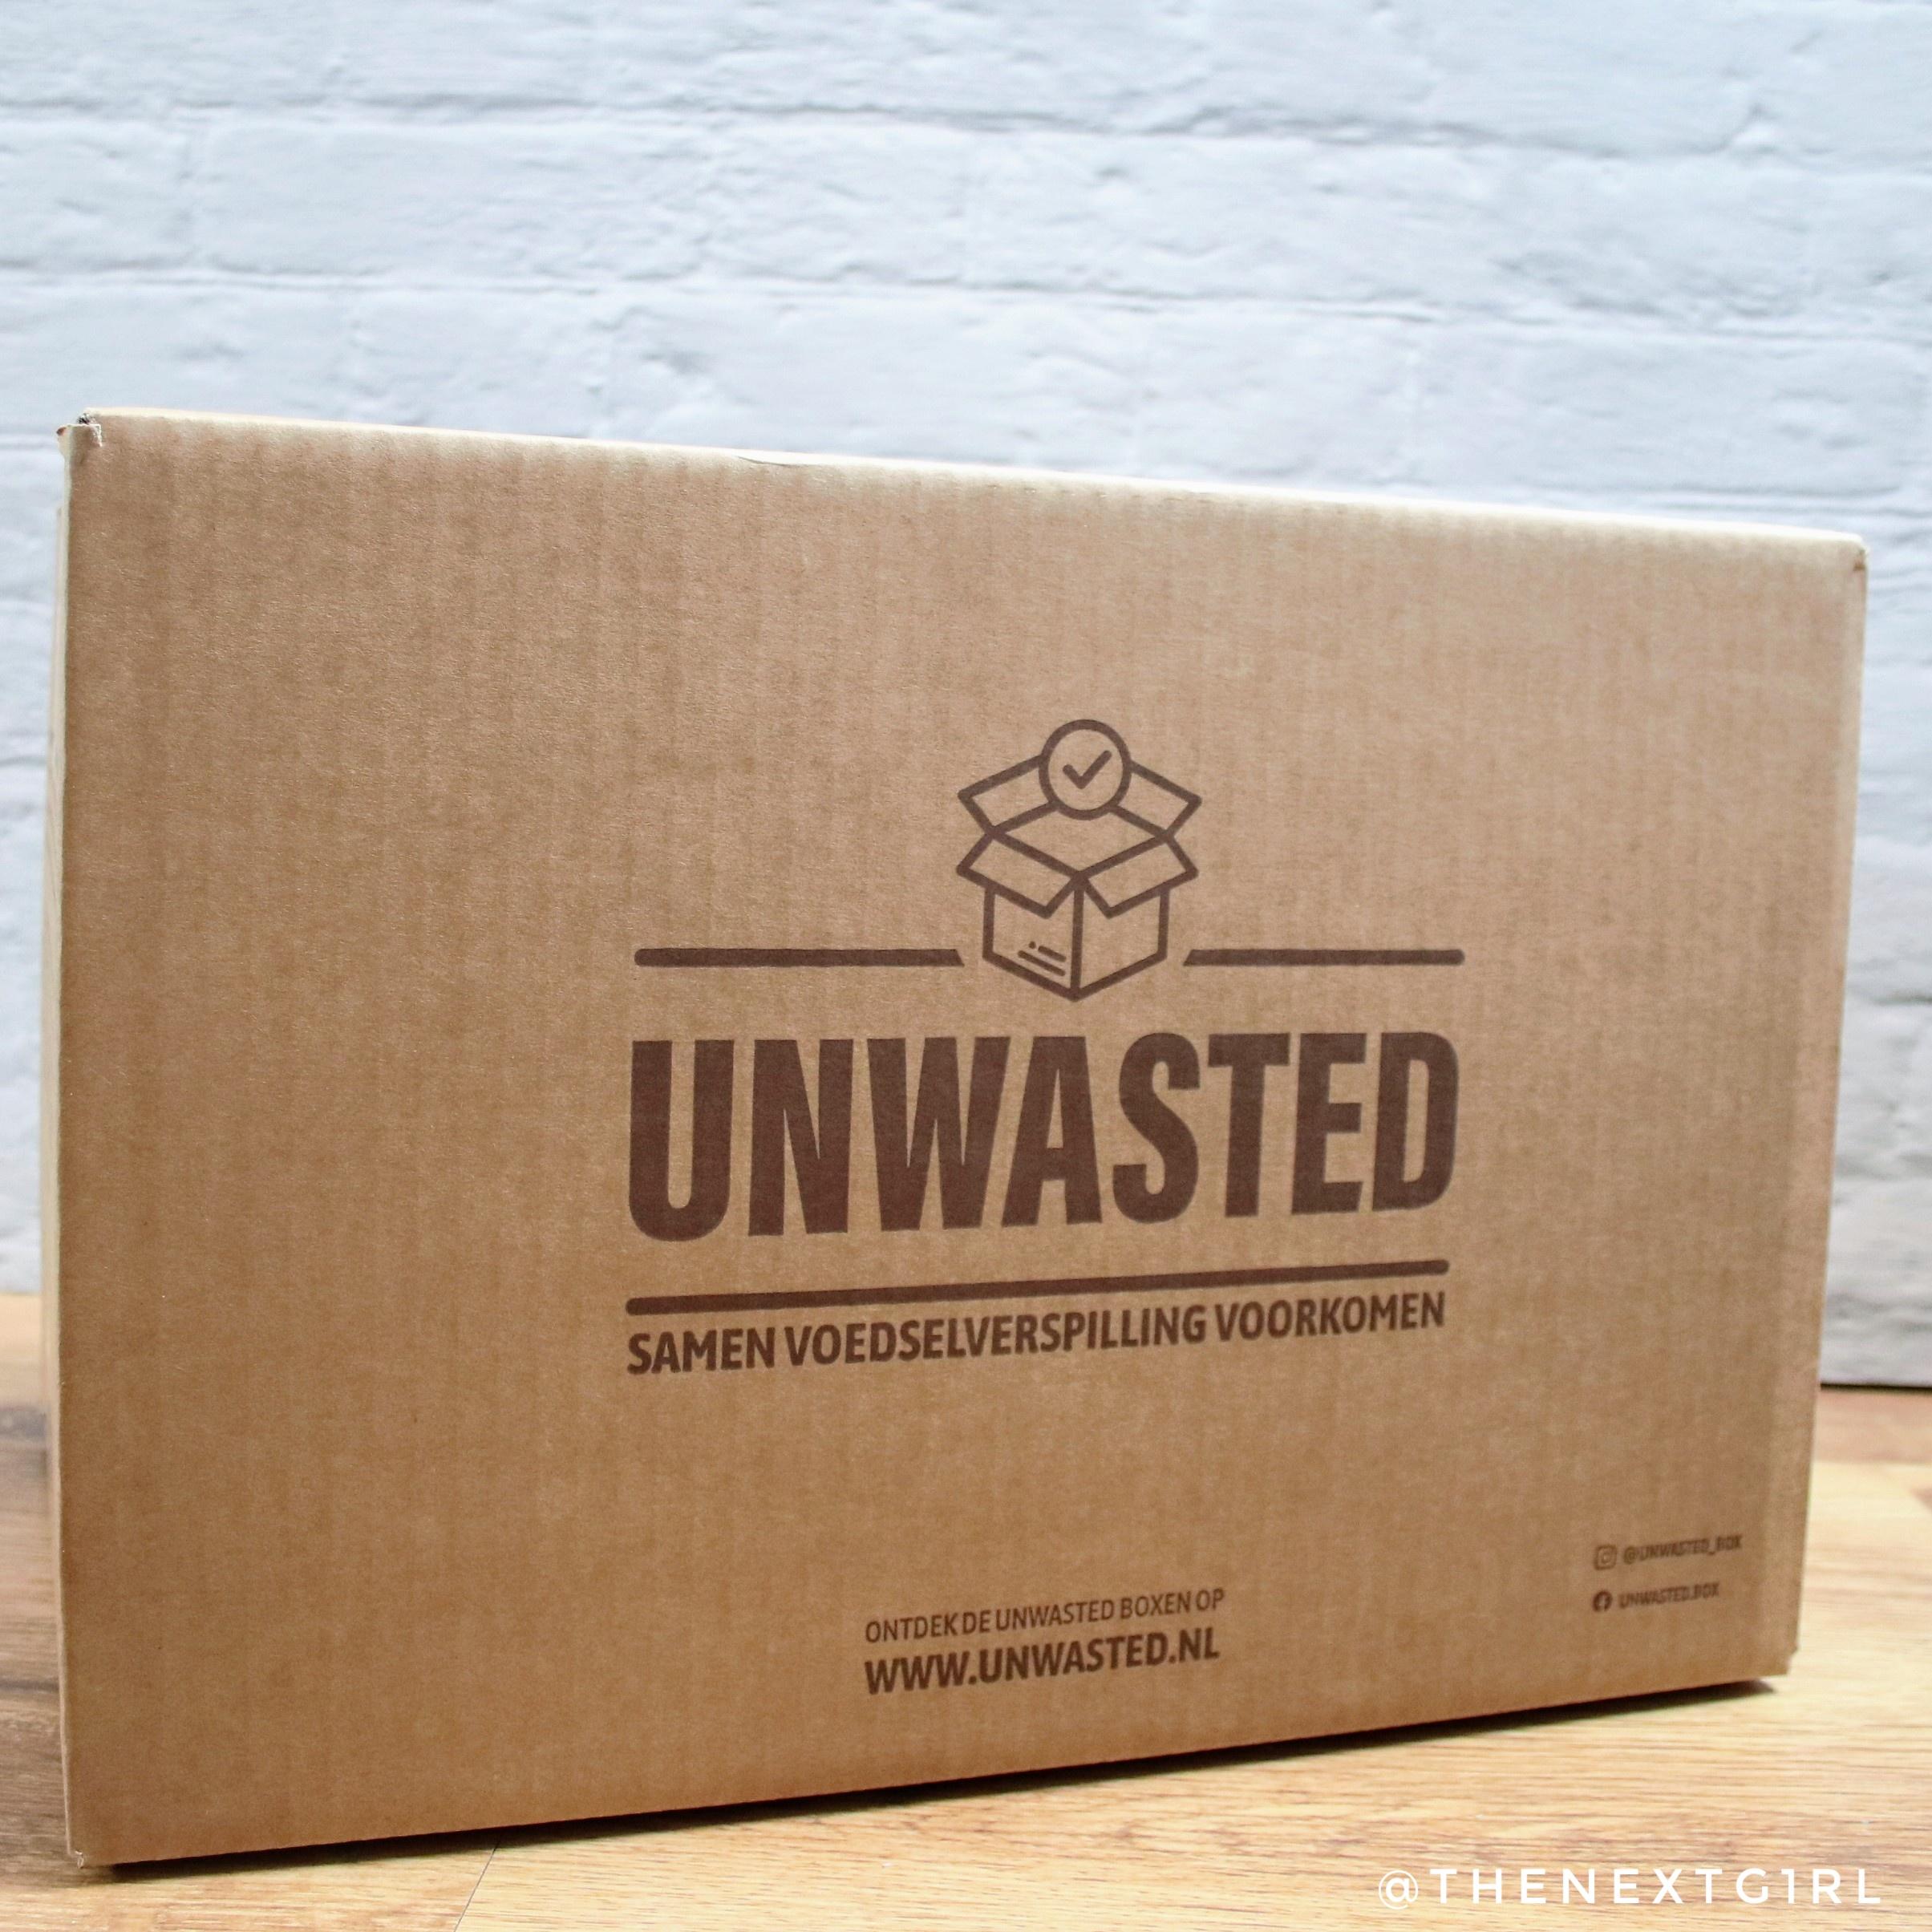 Unwasted: mysterybox tegen voedselverspilling